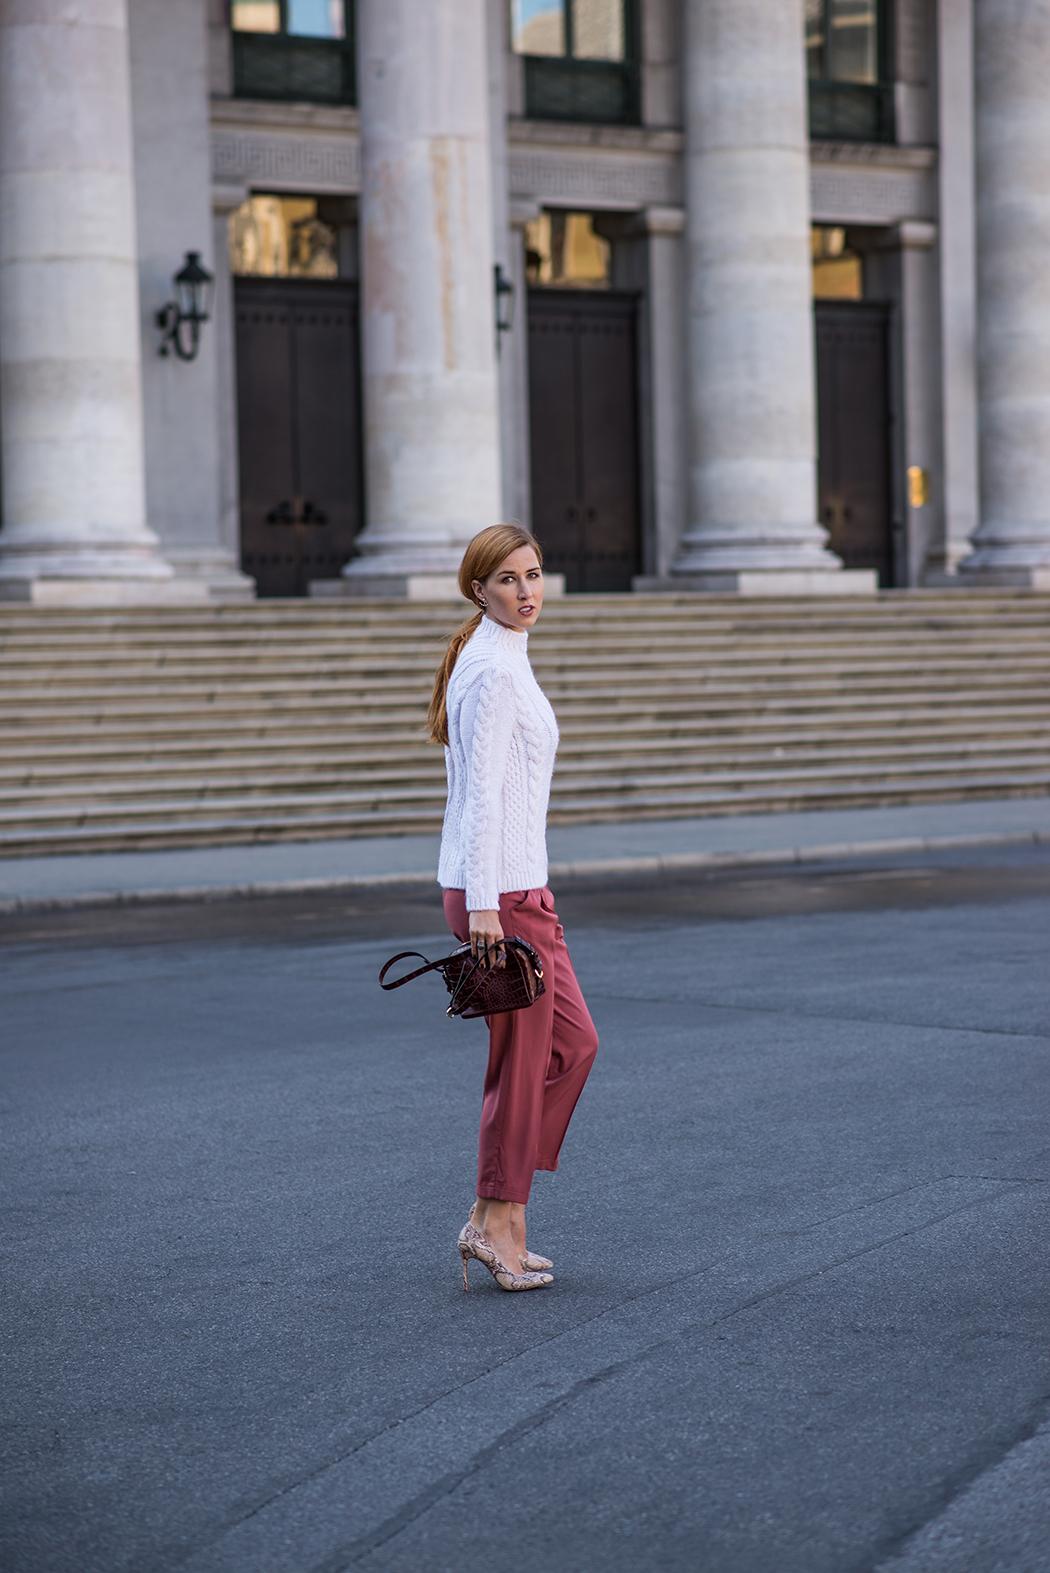 Fashionblog-Fashionblogger-München-Deutschland-Fashion-Blog-Lifestyle-Lindarella-Linda-Rella-Rollkragen_Pullover_weiß-Zara-4-web